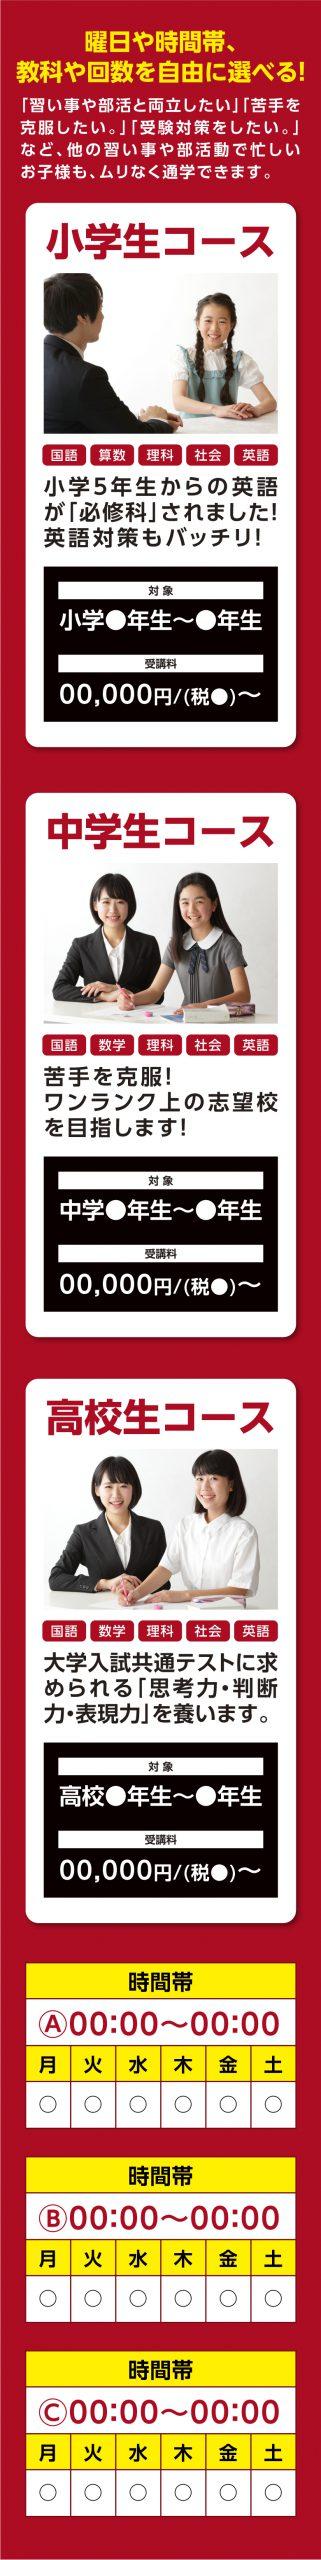 kds-case-20n-b-02